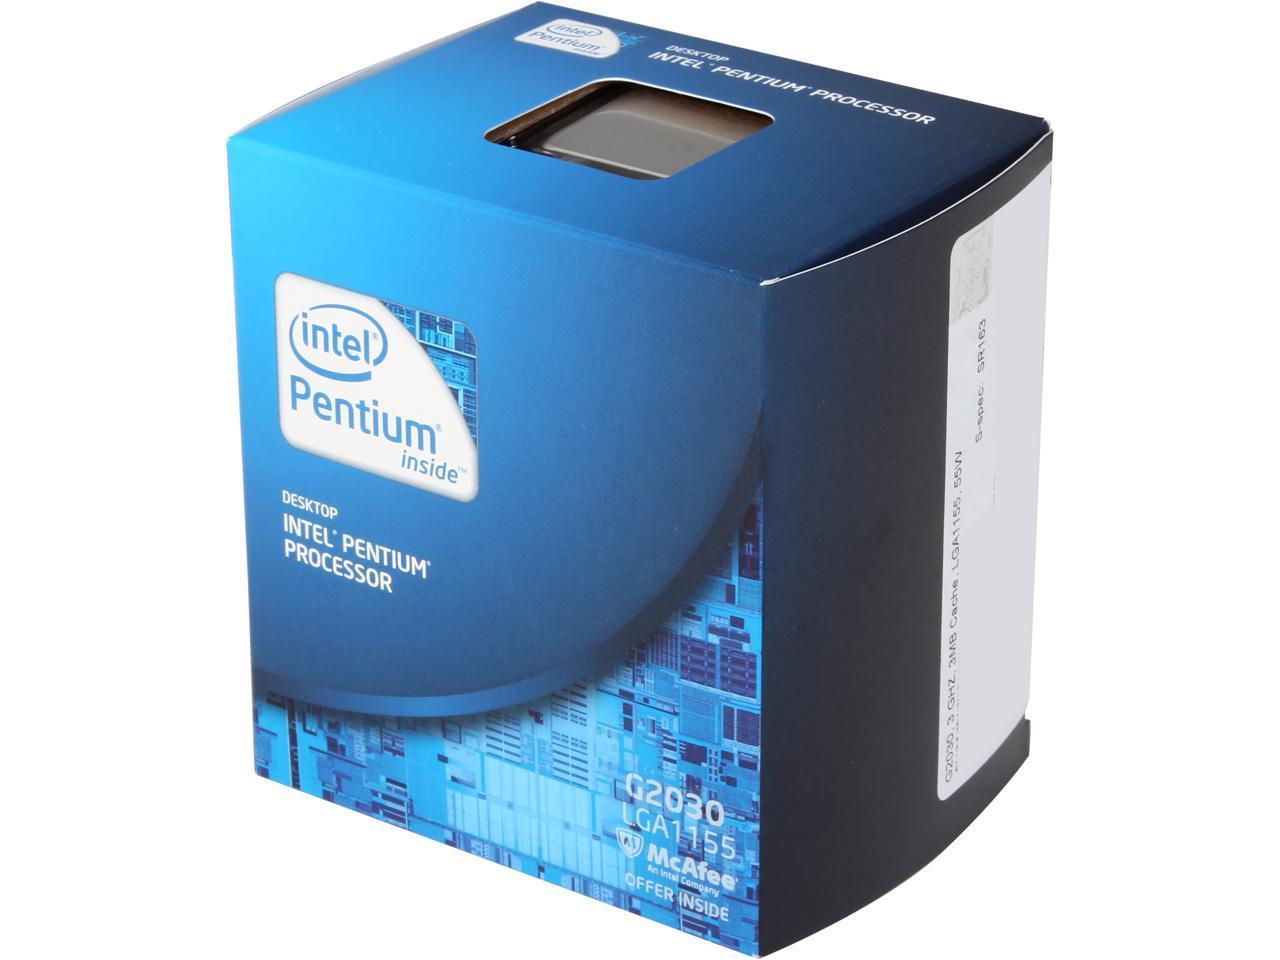 Procesor Intel Pentium G2030 3.0 GHz - imaginea 1